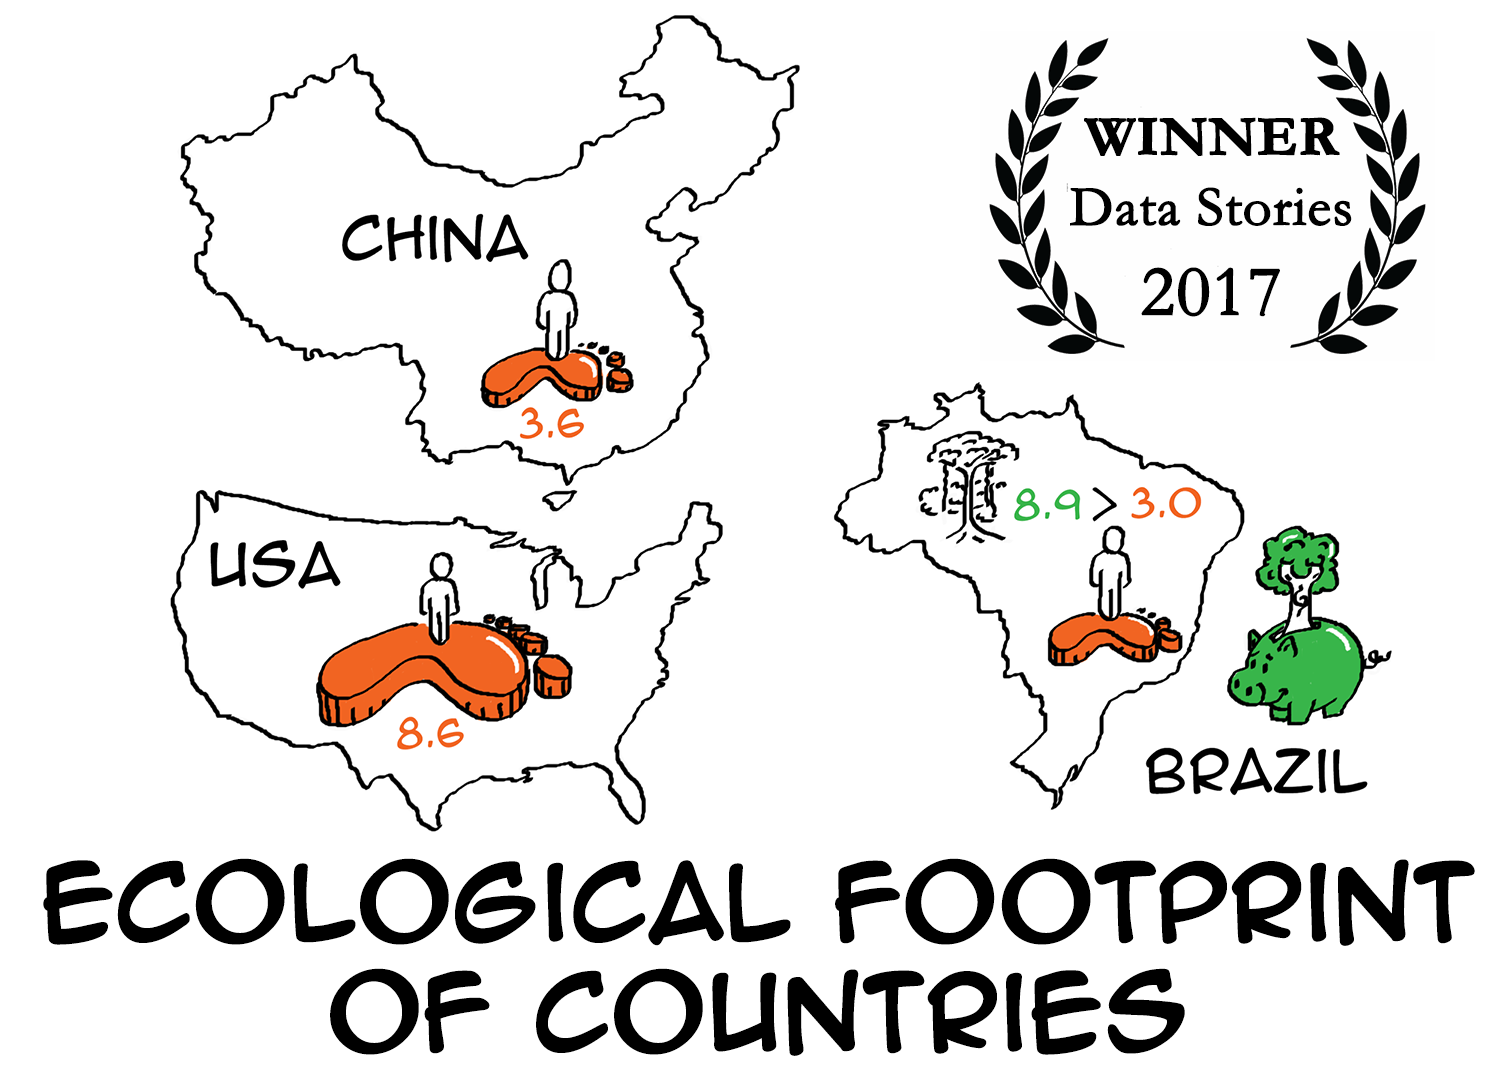 Empreinte Ecologique des pays